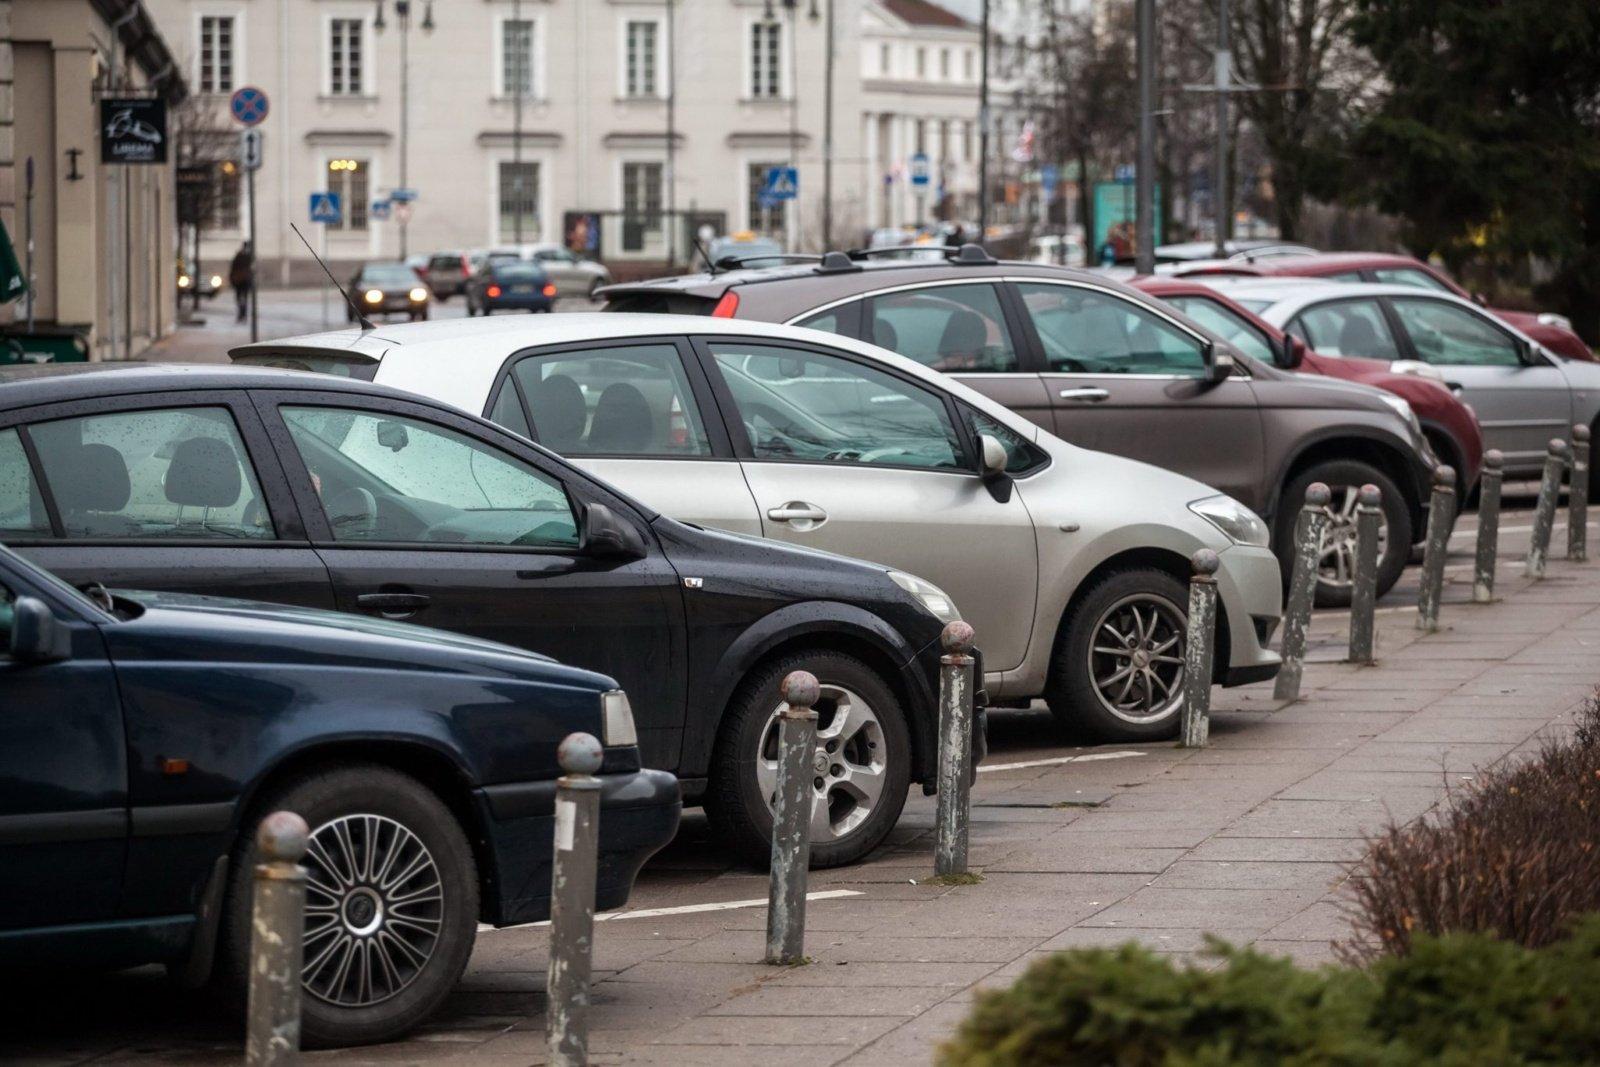 Vilniuje – mažiau rezervuotų parkavimo vietų ir daugiau būdų atsiskaityti už stovėjimą